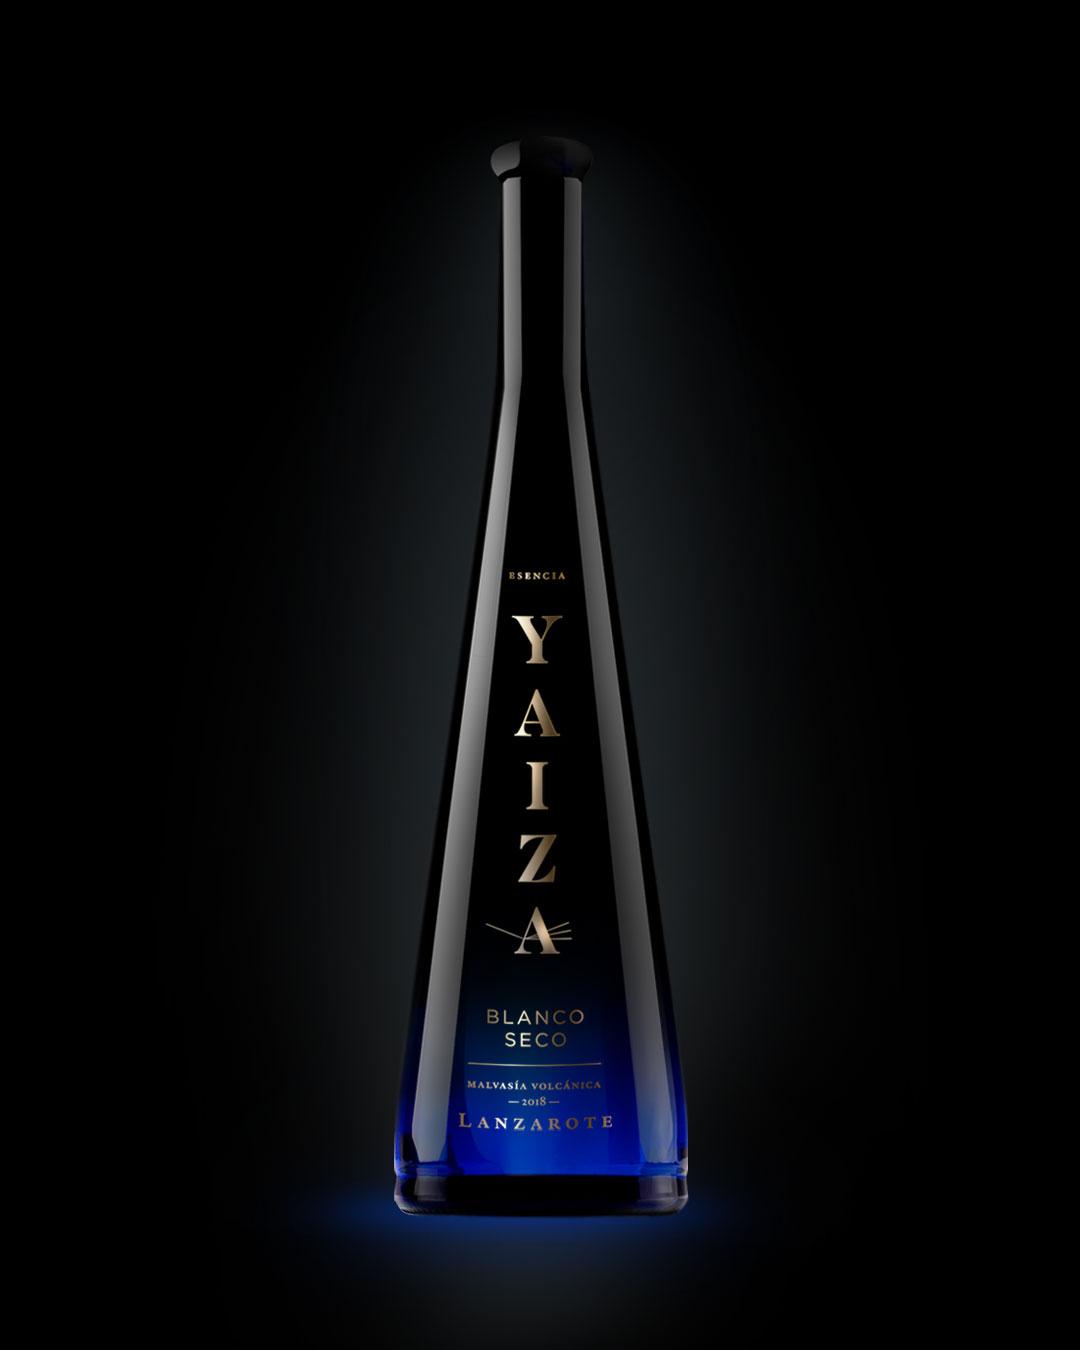 Diseño del vino Yaiza de Lanzarote